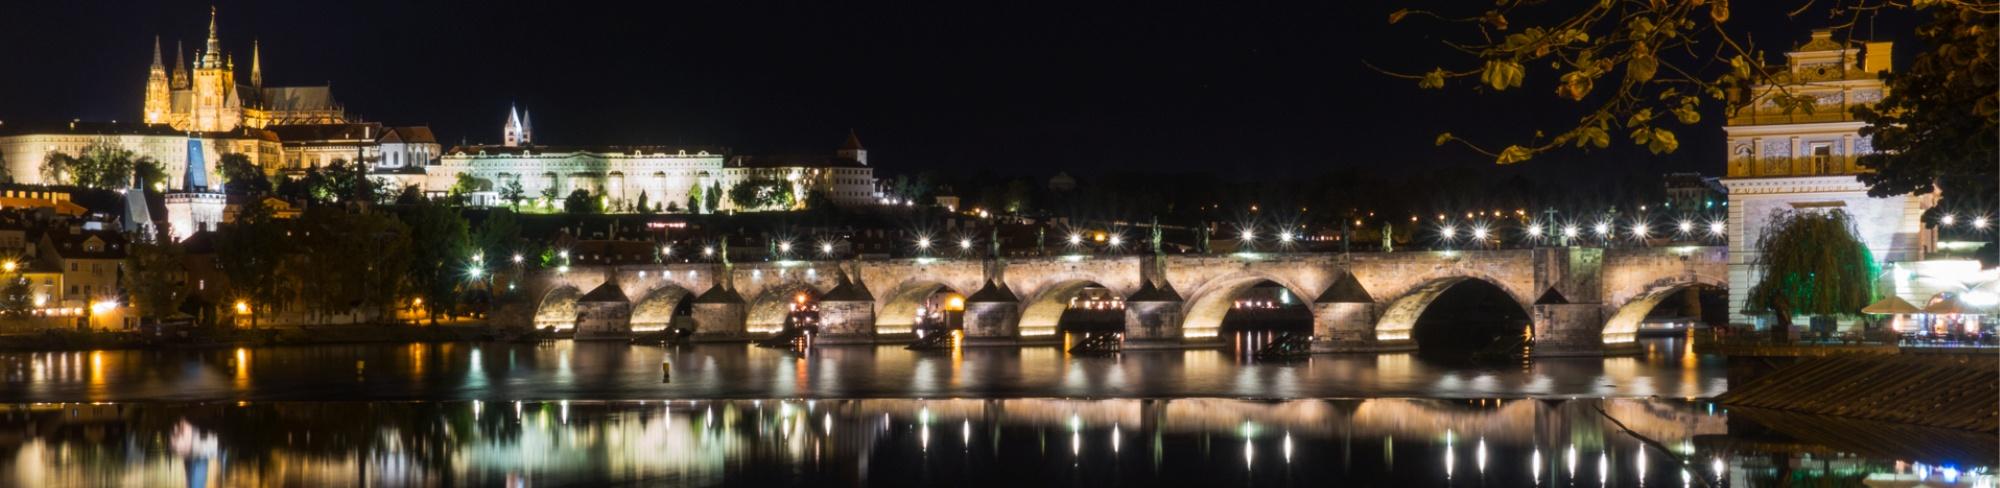 Prague Slide 5.jpg